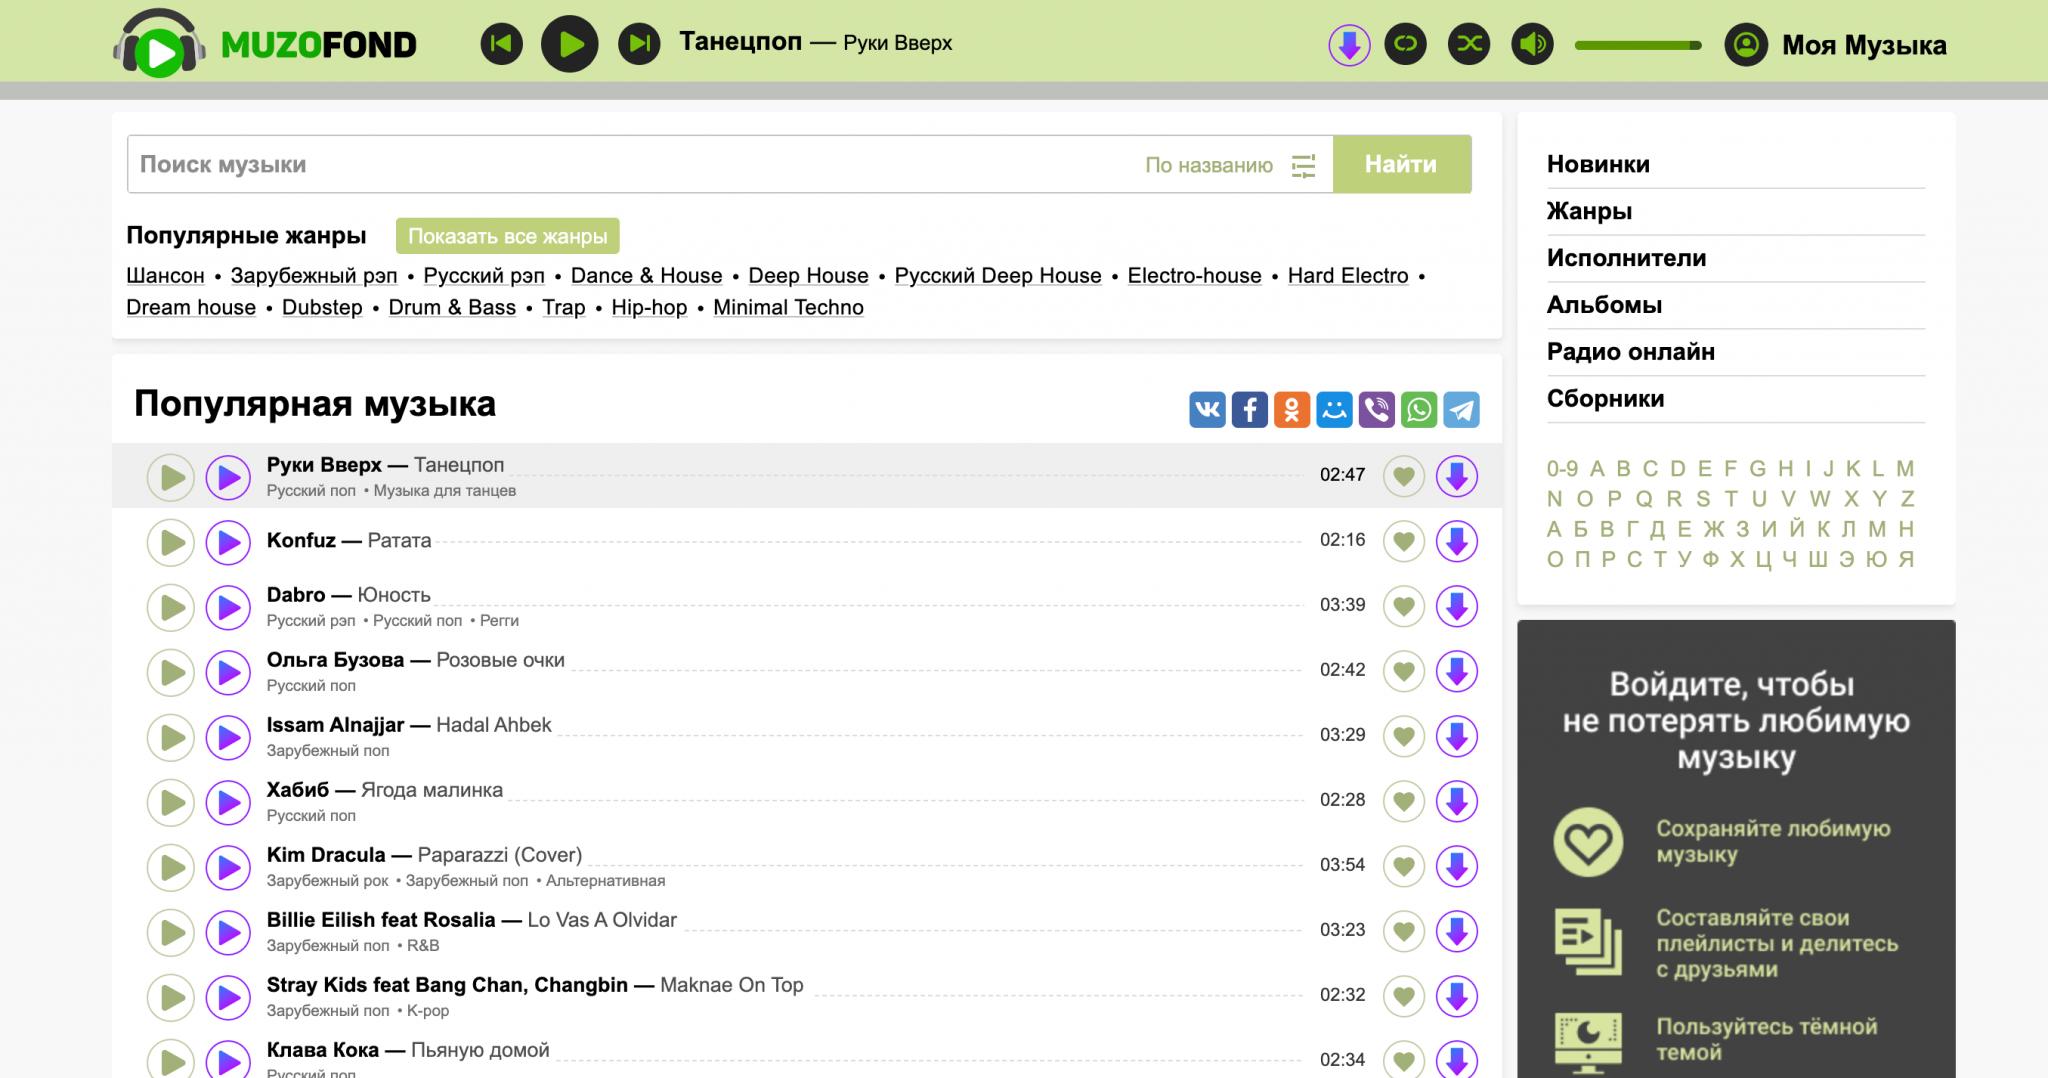 Топ сайтов с музыкой онлайн seo продвижения интернет магазинов